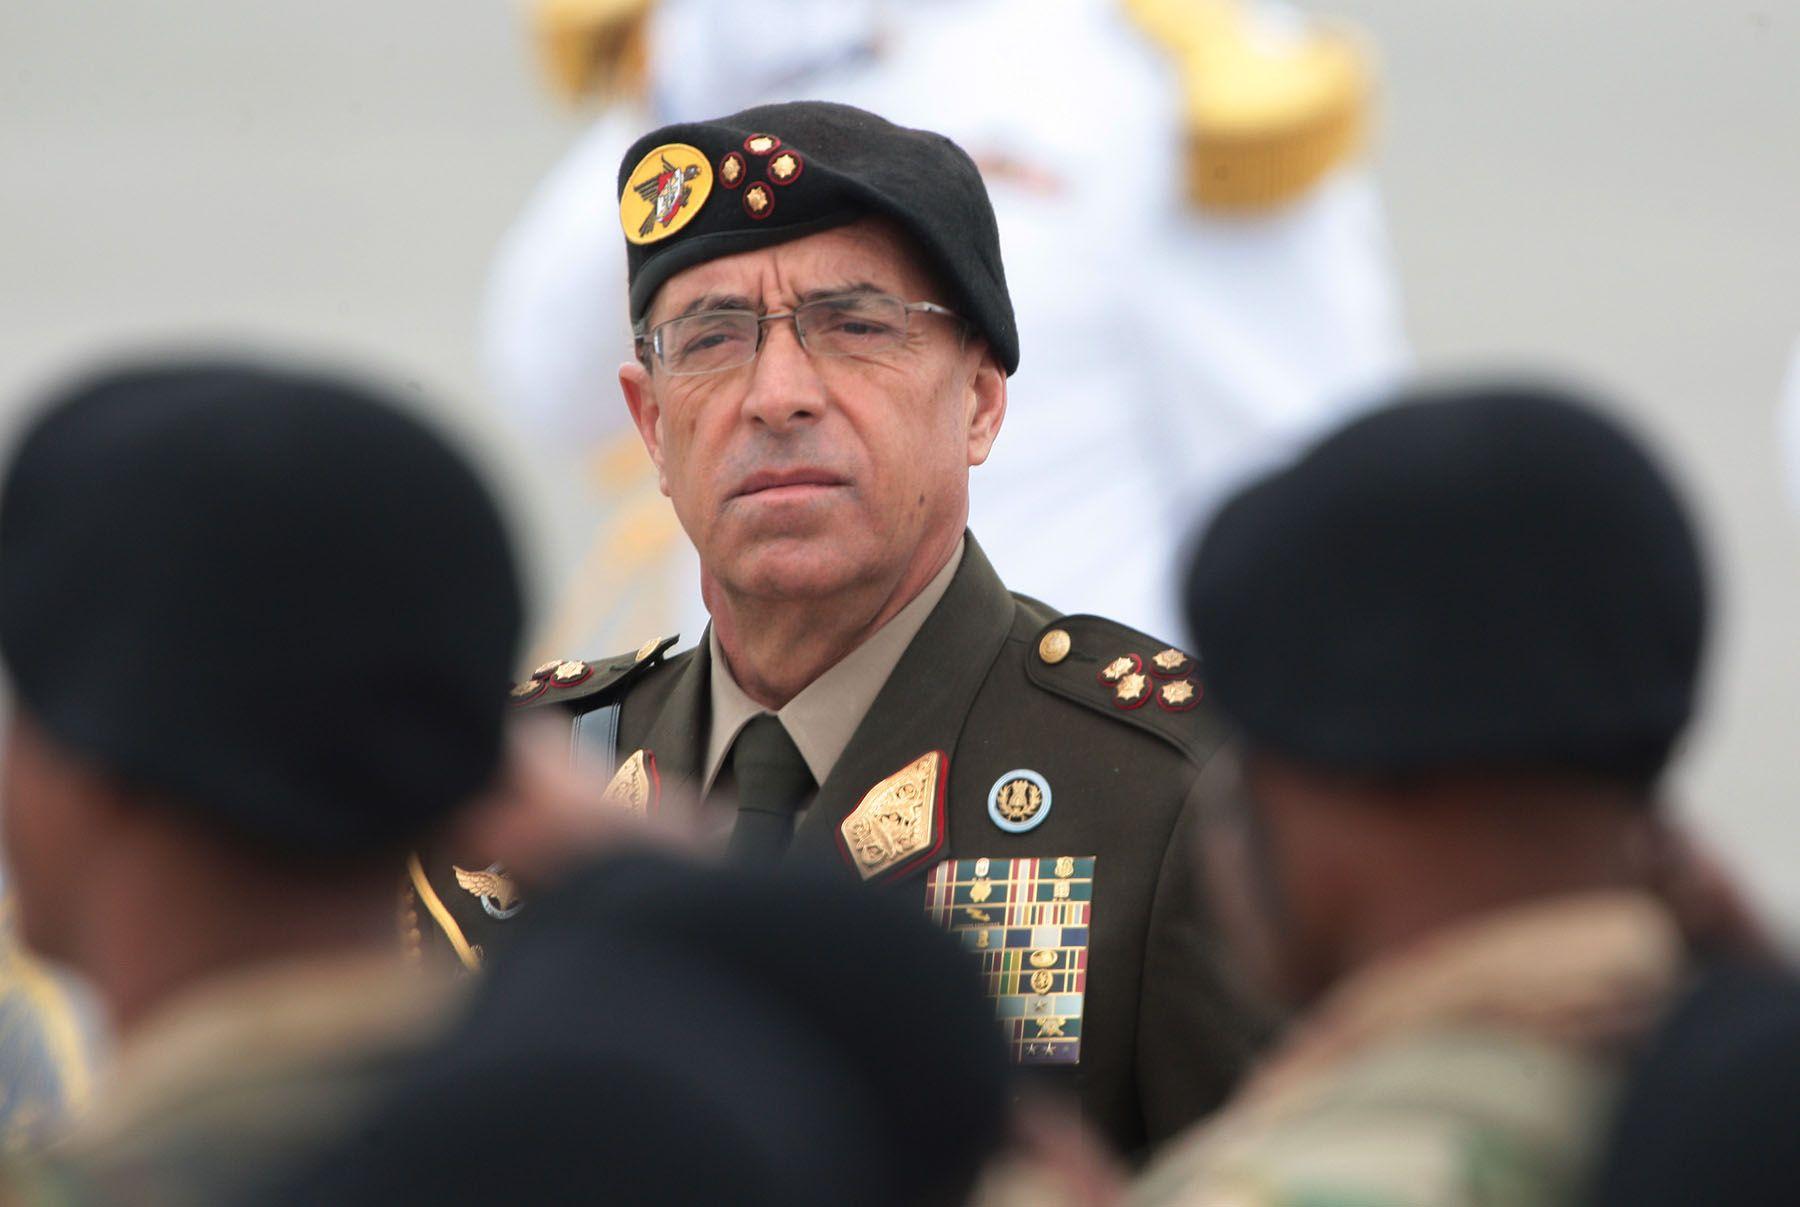 Edwin Donayre fue comandante general del Ejército entre el 2006 y 2008. Postuló por primera vez y sin éxito al congreso en el 2011. En el 2016 es elegido congresista partidario de Fuerza Popular